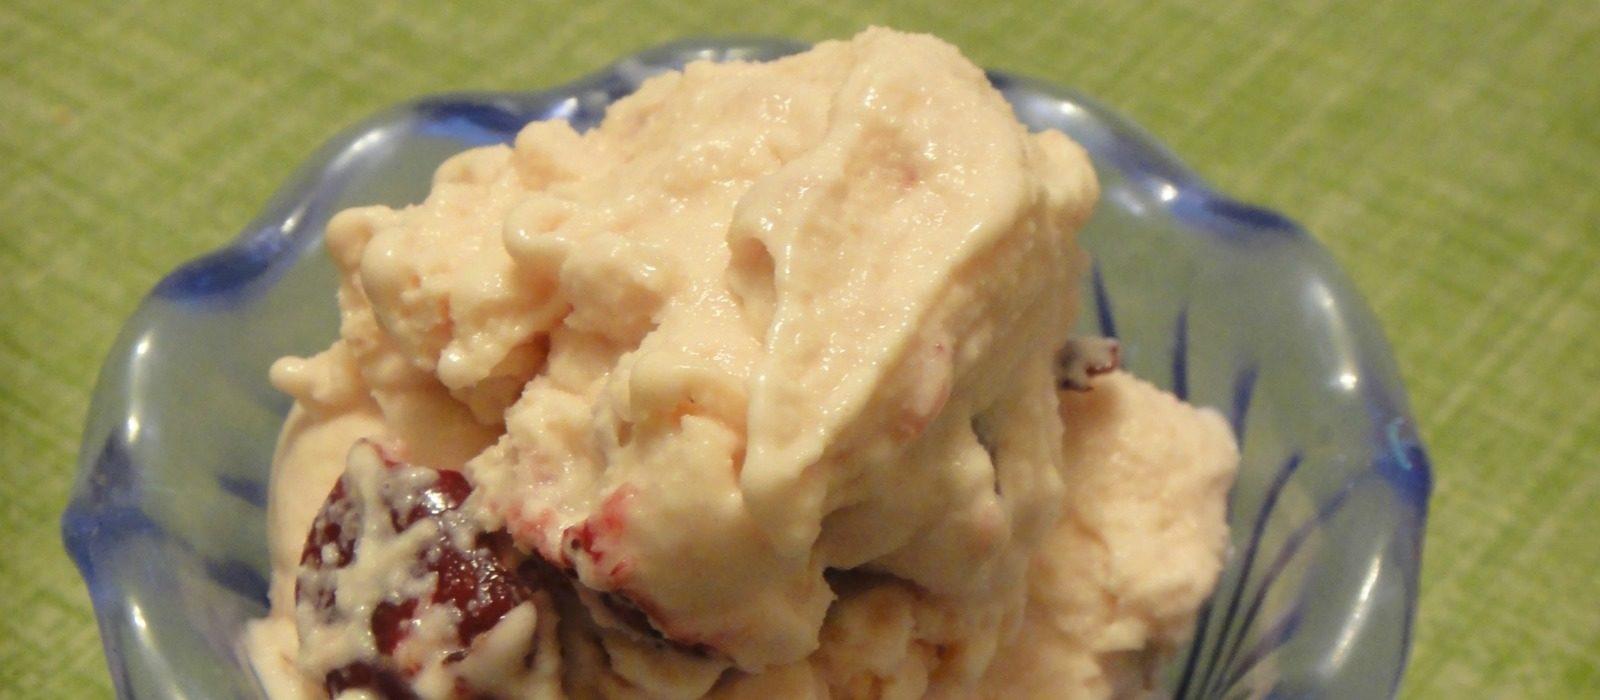 Two Berry Ice Cream